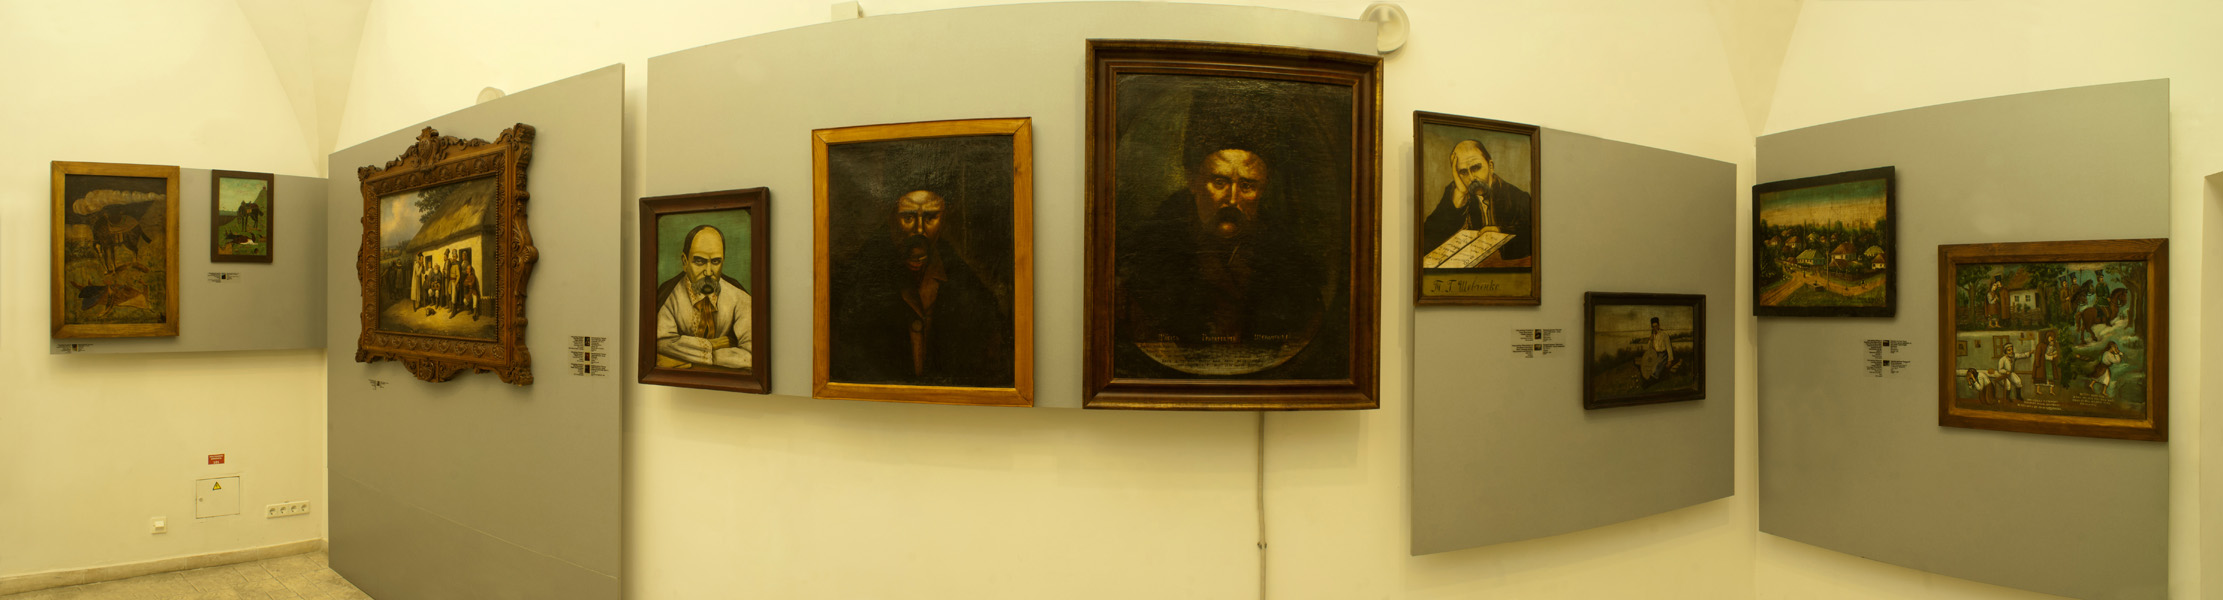 Зала 5. Нація (праворуч)